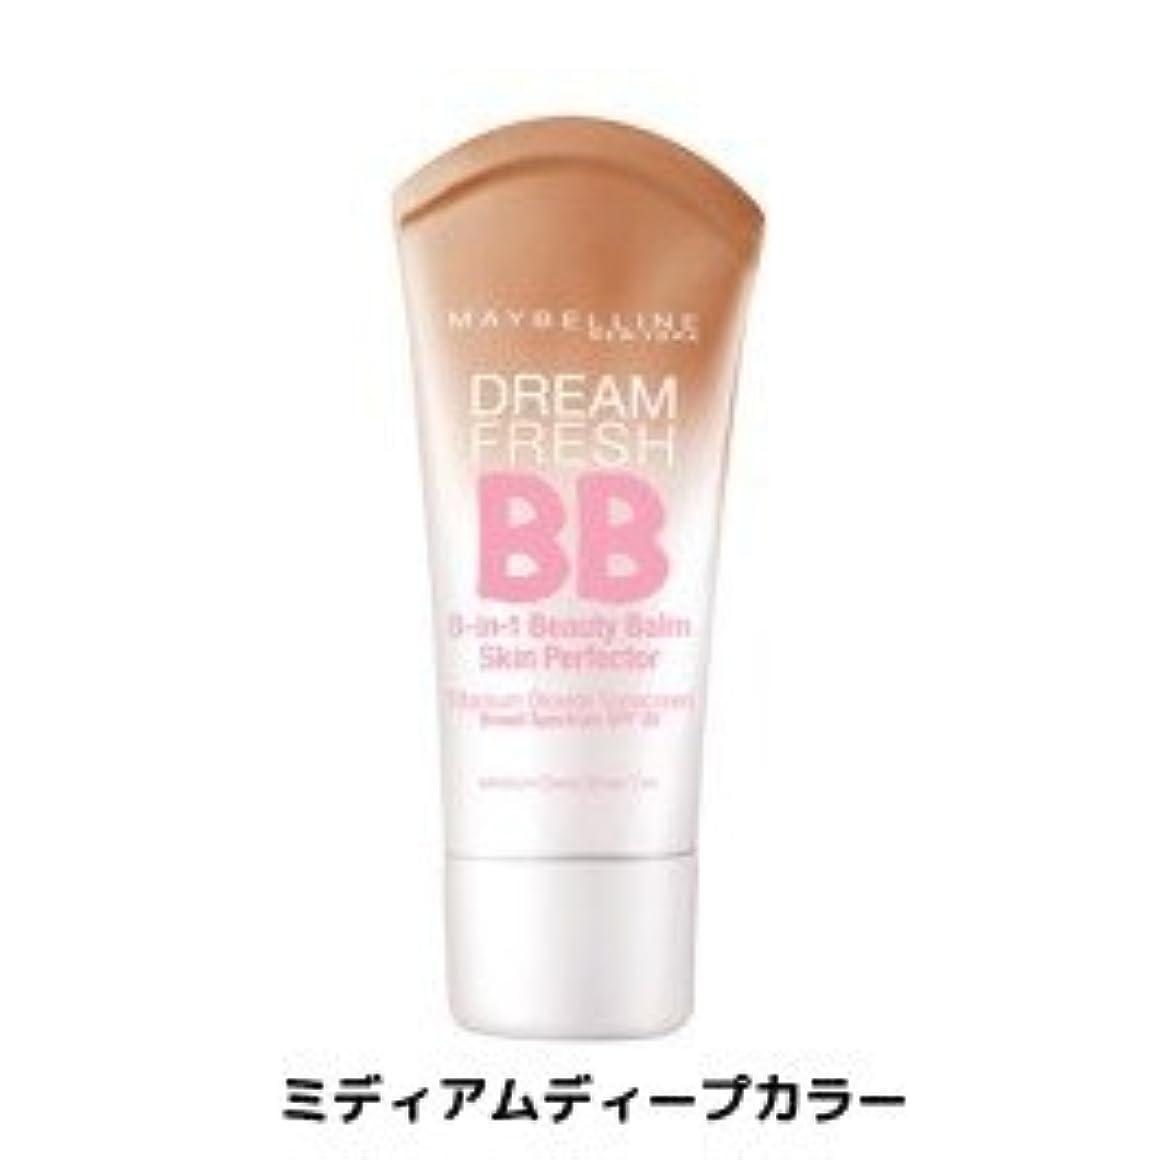 エジプトシーン身元メイベリン BBクリーム  SPF 30*Maybelline Dream Fresh BB Cream 30ml【平行輸入品】 (ミディアムディープカラー)